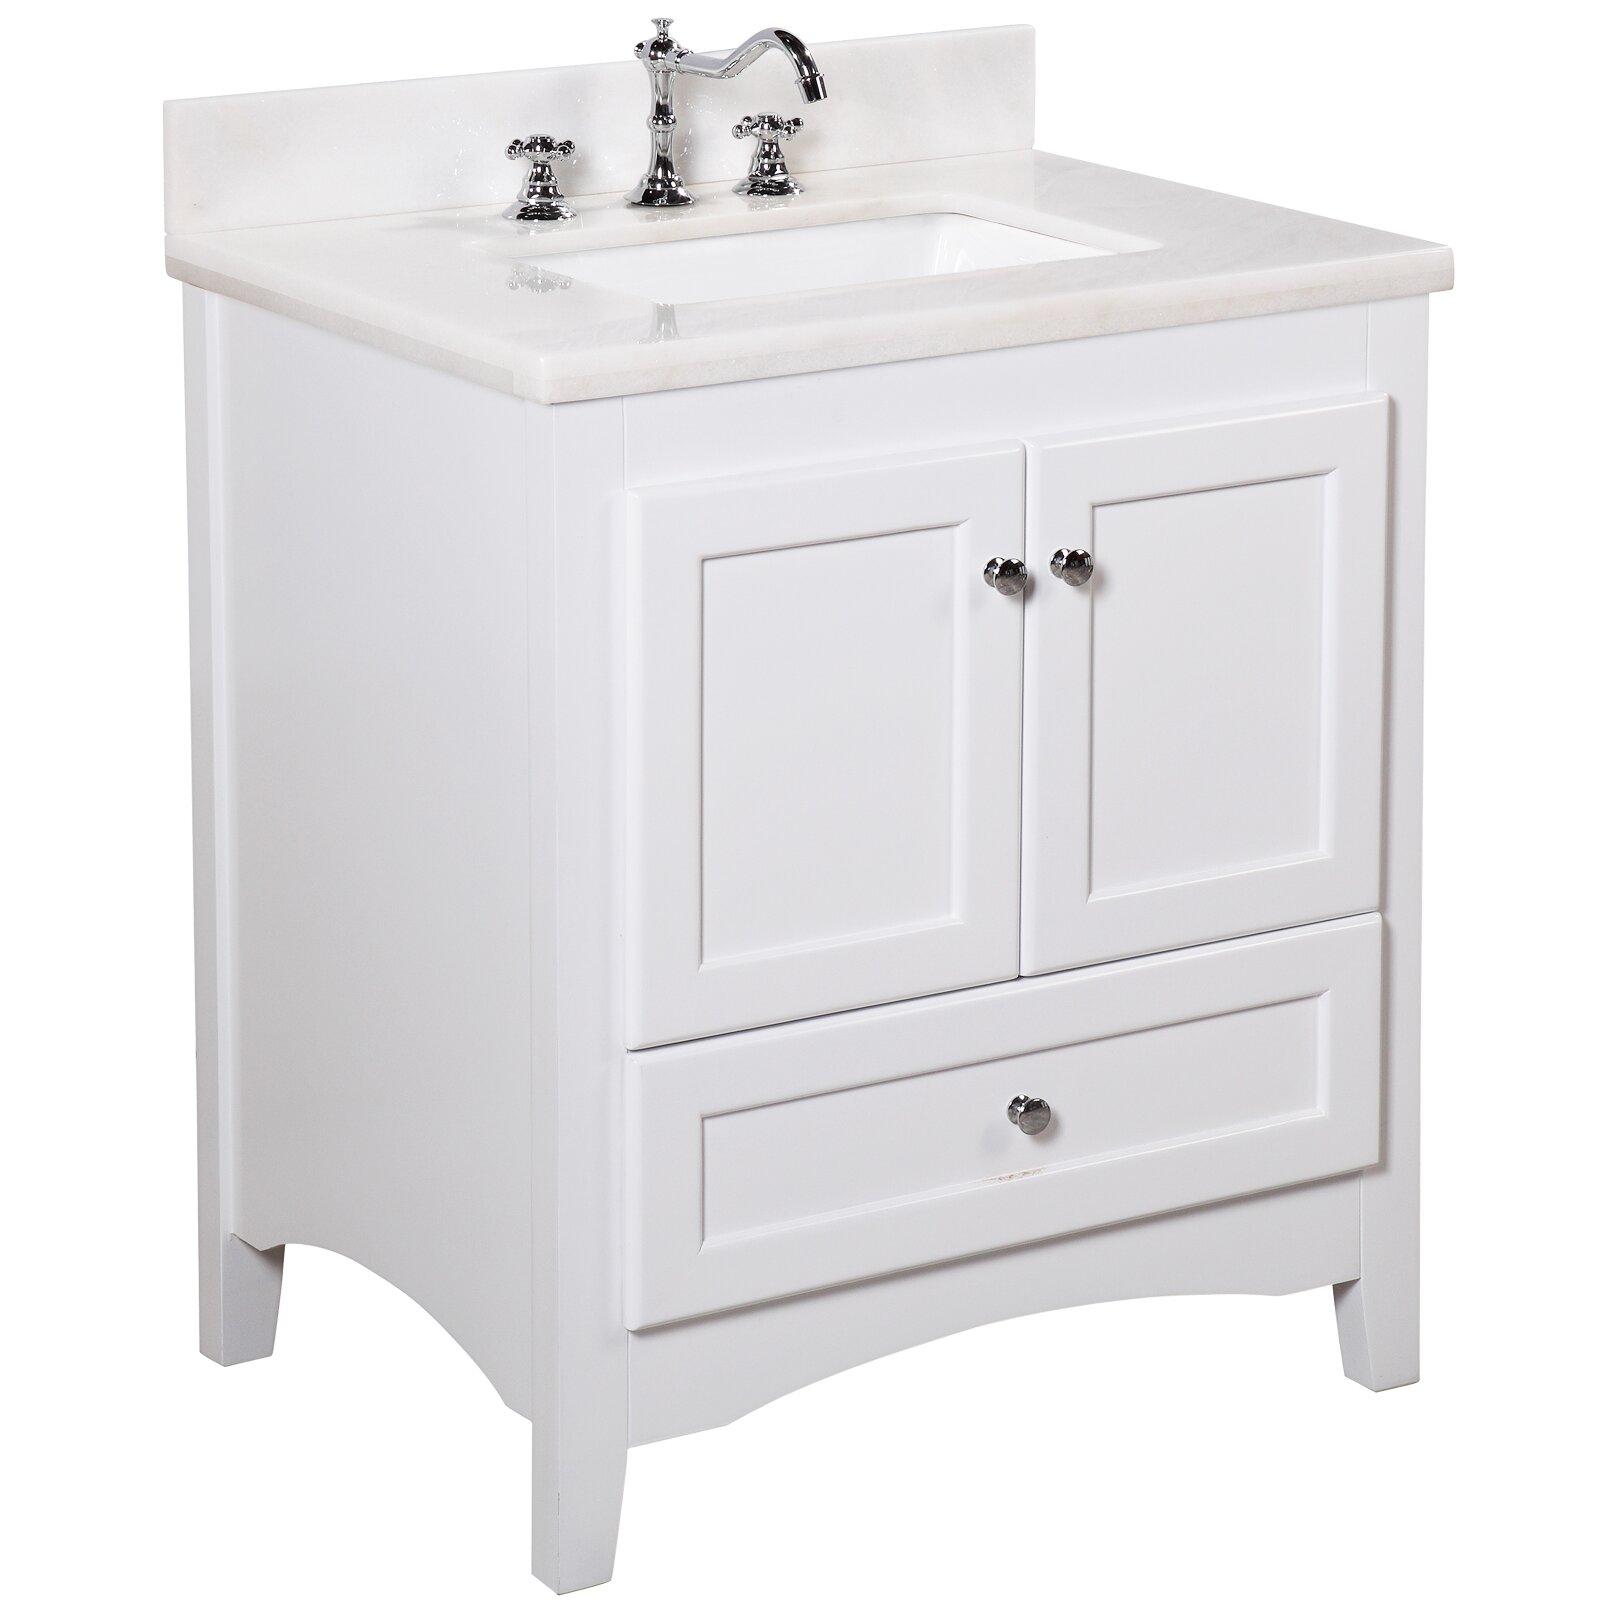 30 Bathroom Cabinet Kbc Abbey 30 Single Bathroom Vanity Set Reviews Wayfair